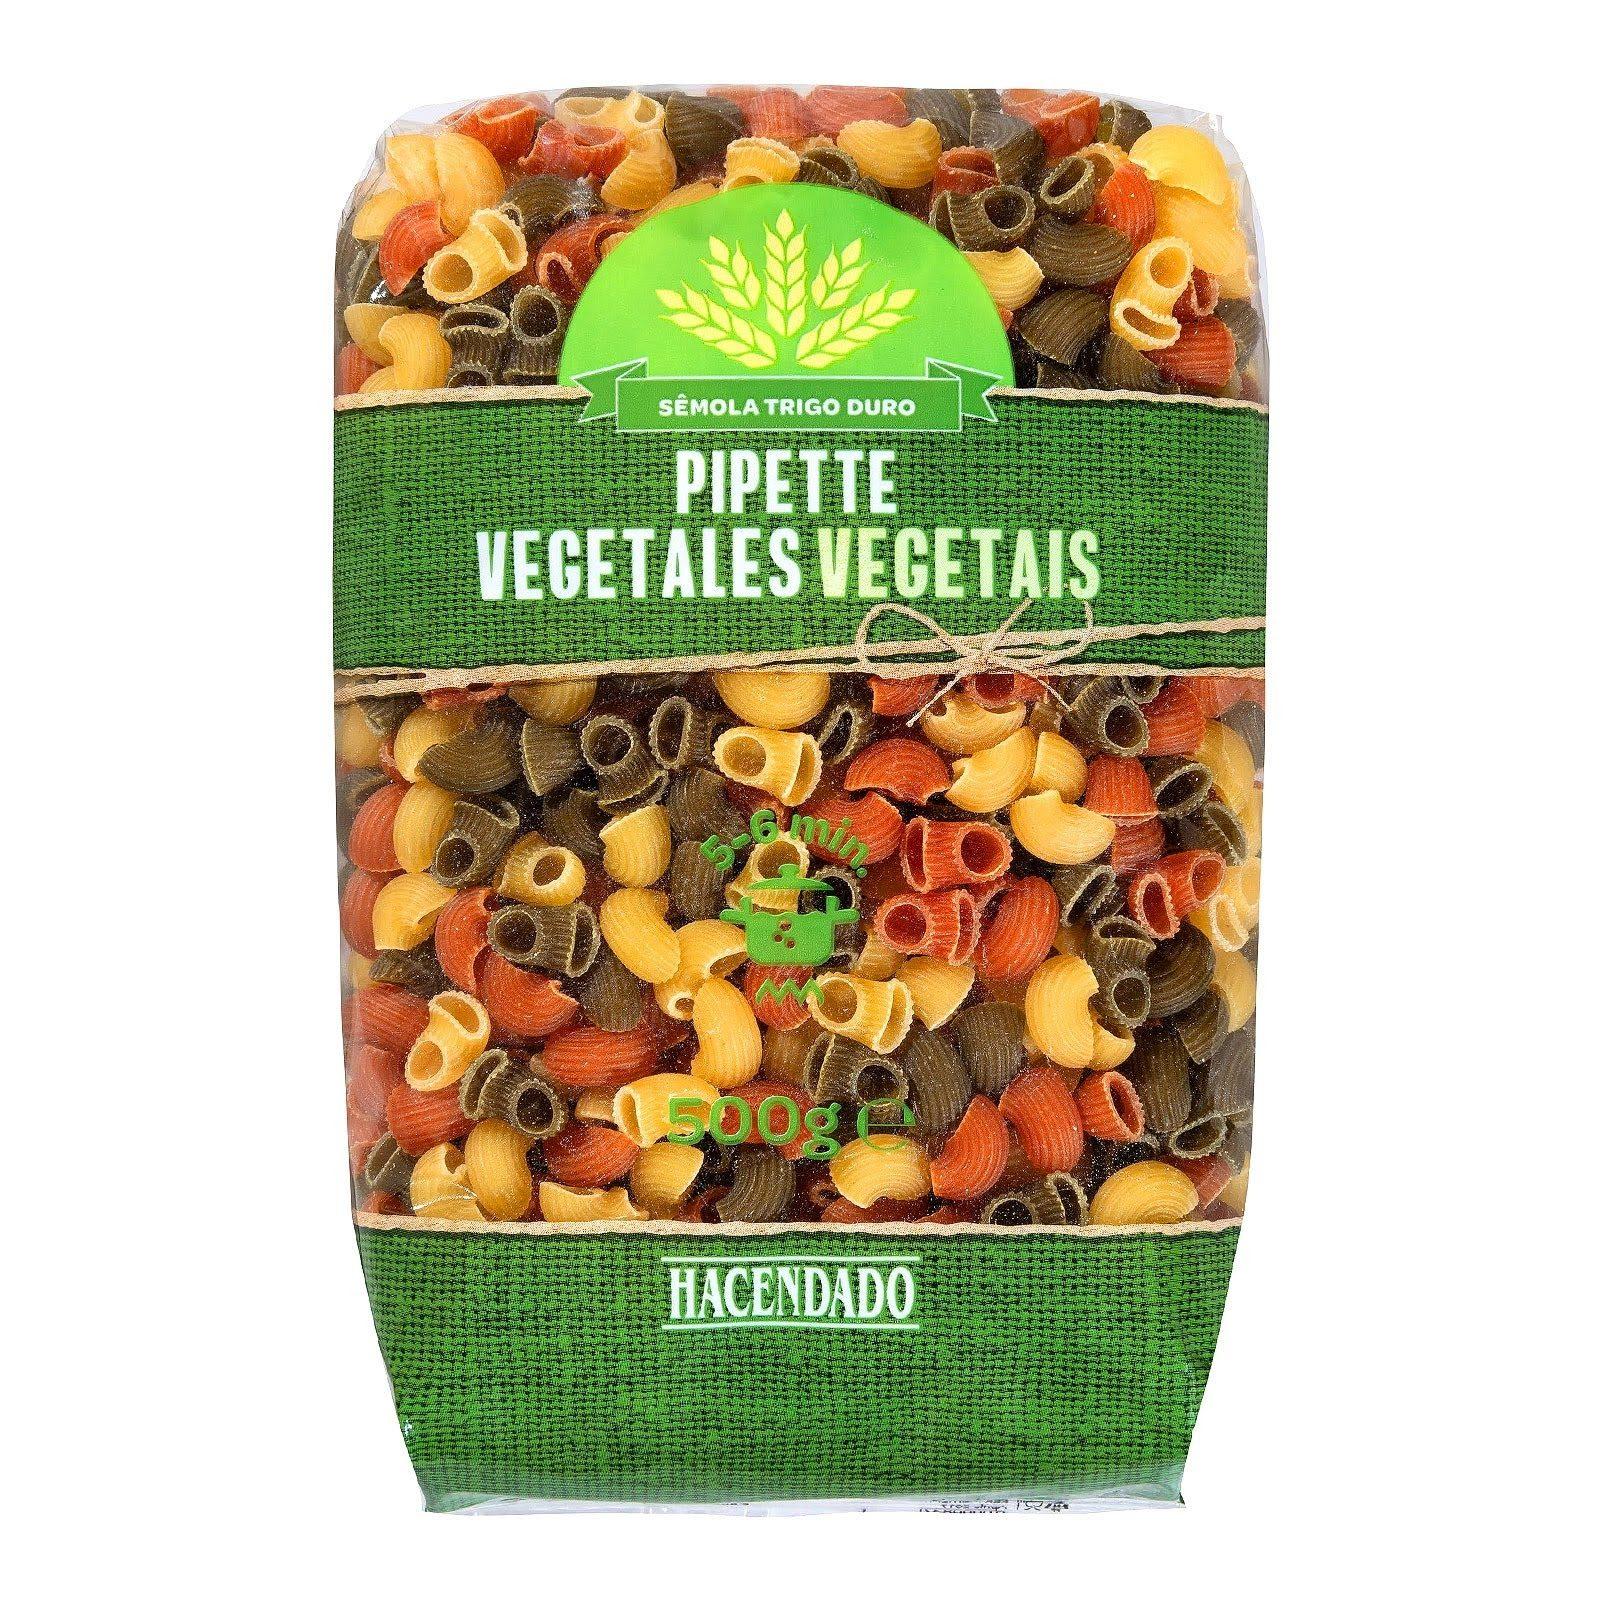 pipette-vegetales-hacendado-mercadona-1-9916442